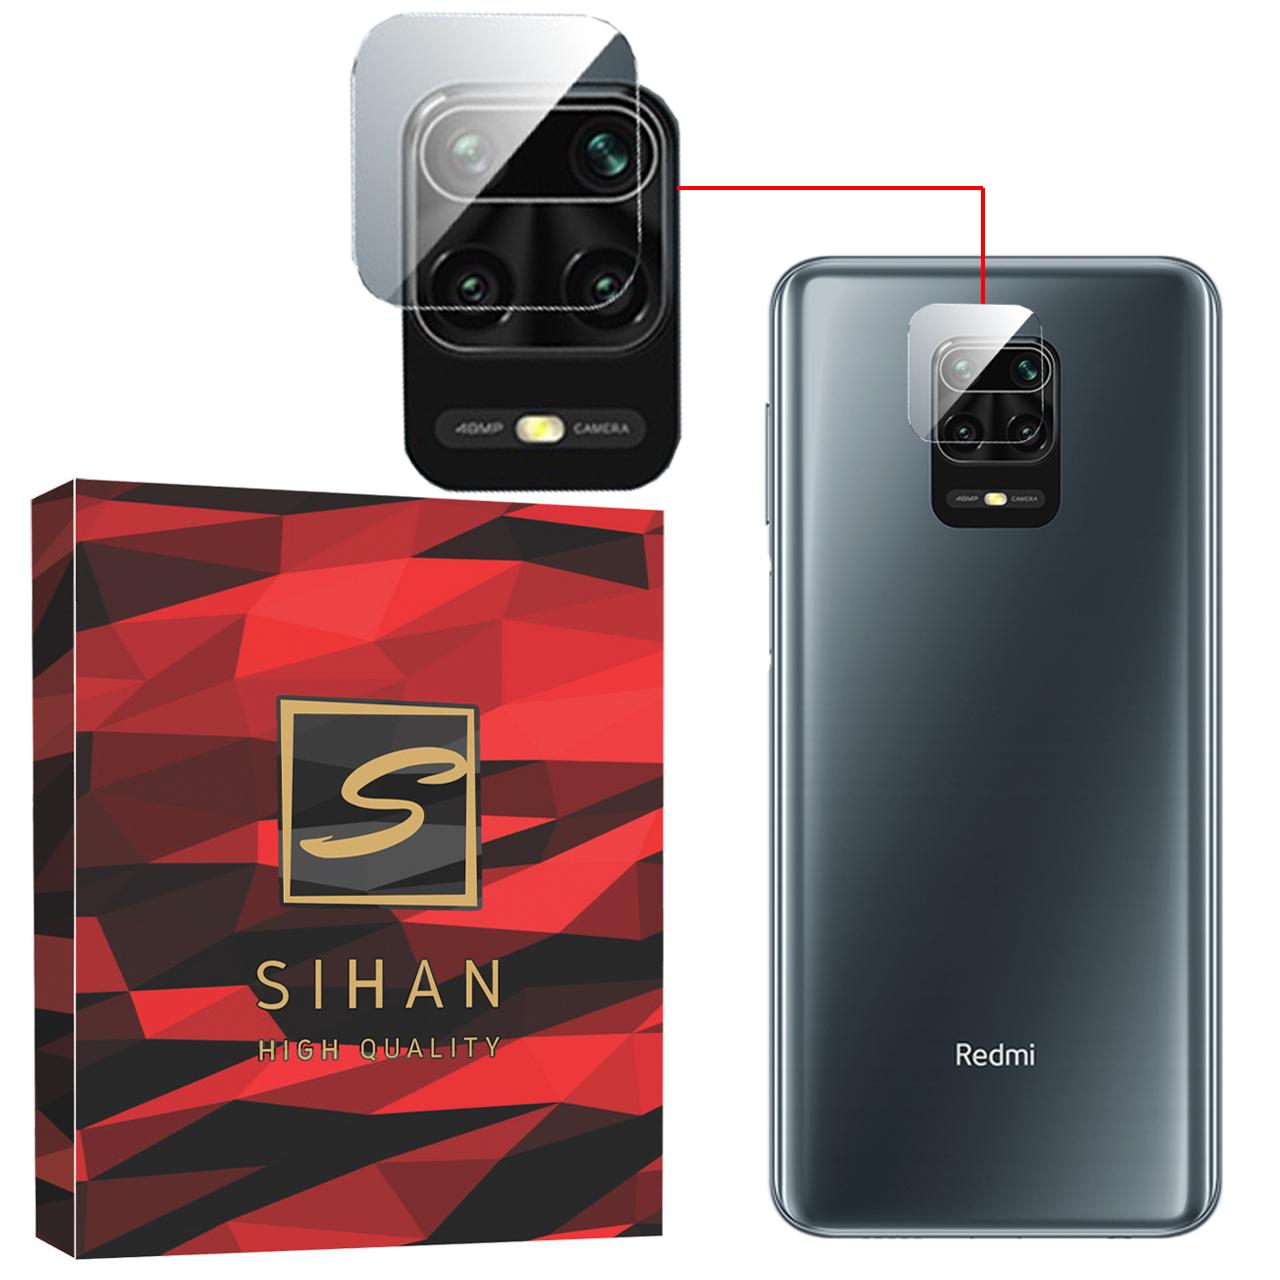 محافظ لنز دوربین سیحان مدل GLP مناسب برای گوشی موبایل شیائومی Redmi Note 9 / 9pro / 9pro max